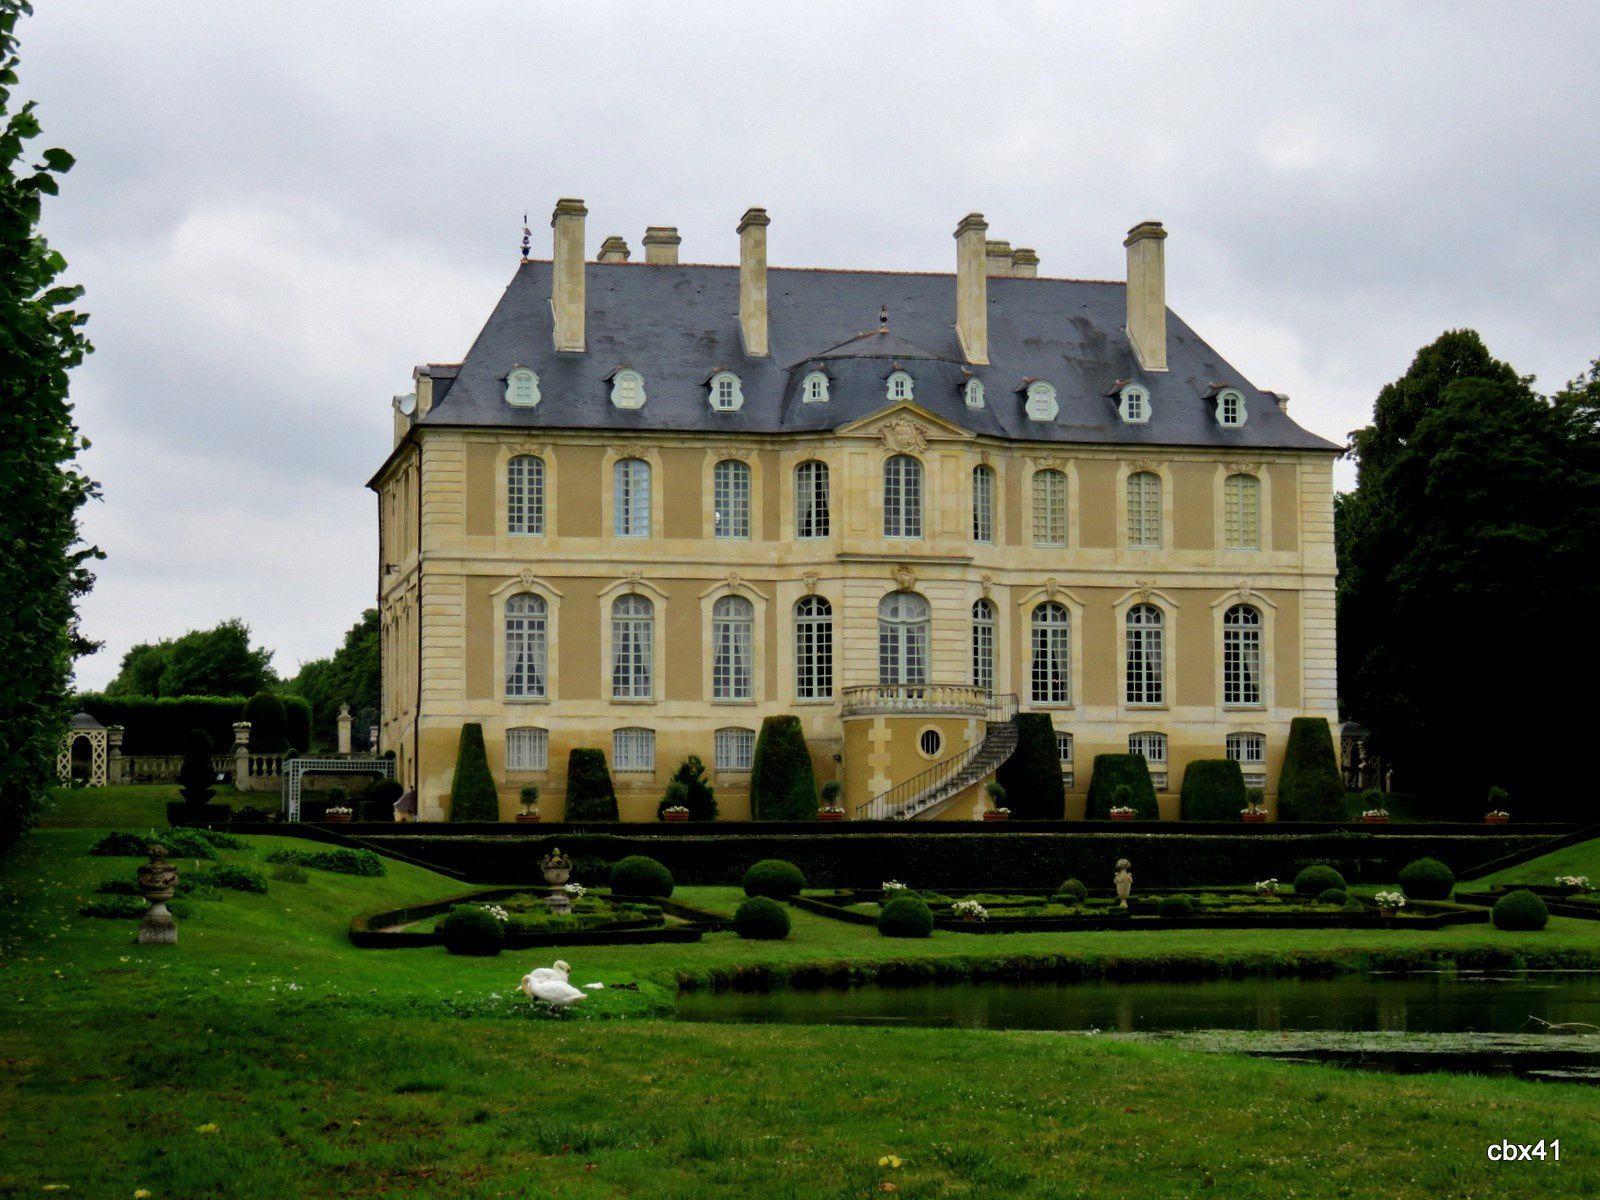 Château de Vendeuvre, espaces verts et art topiaire